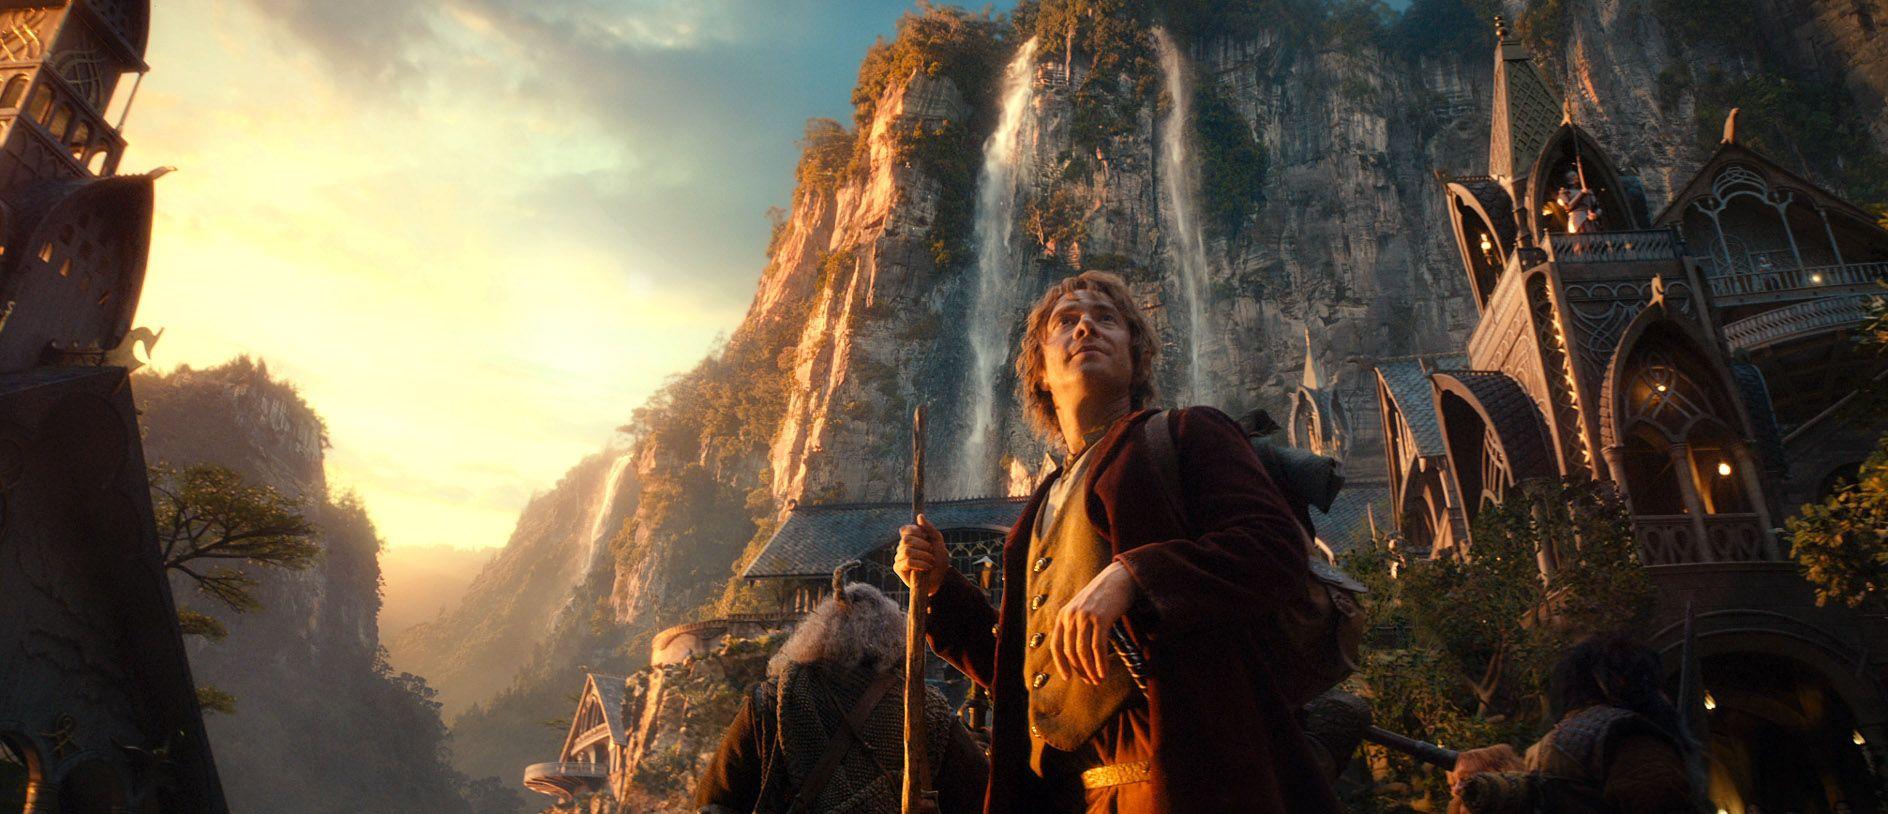 bilbo the hobbit rivendell_1